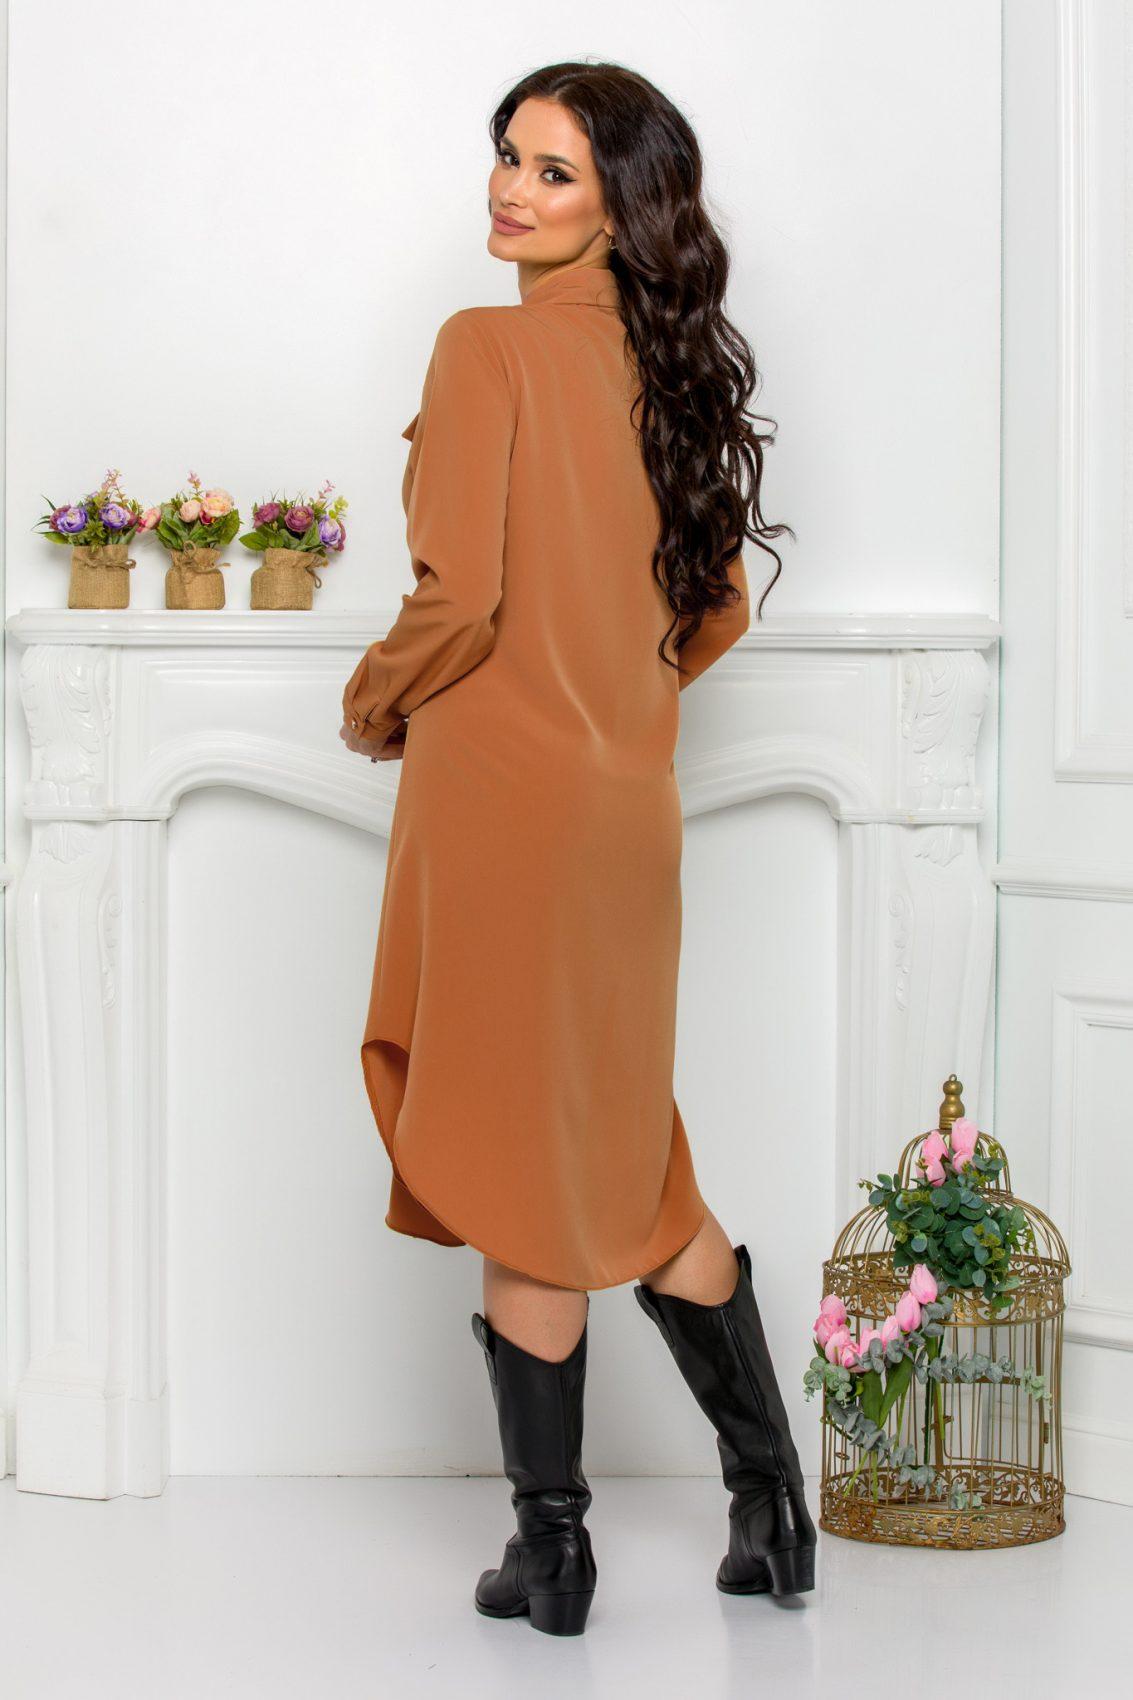 Καραμελέ Φόρεμα Πουκάμισο Μεγάλα Μεγέθη Kandy 9645 2